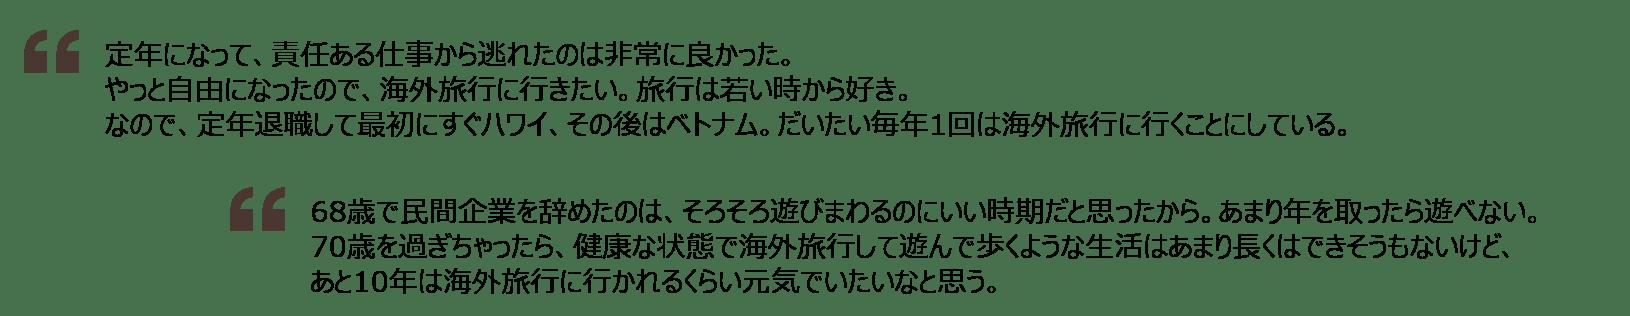 n1-d_04.png